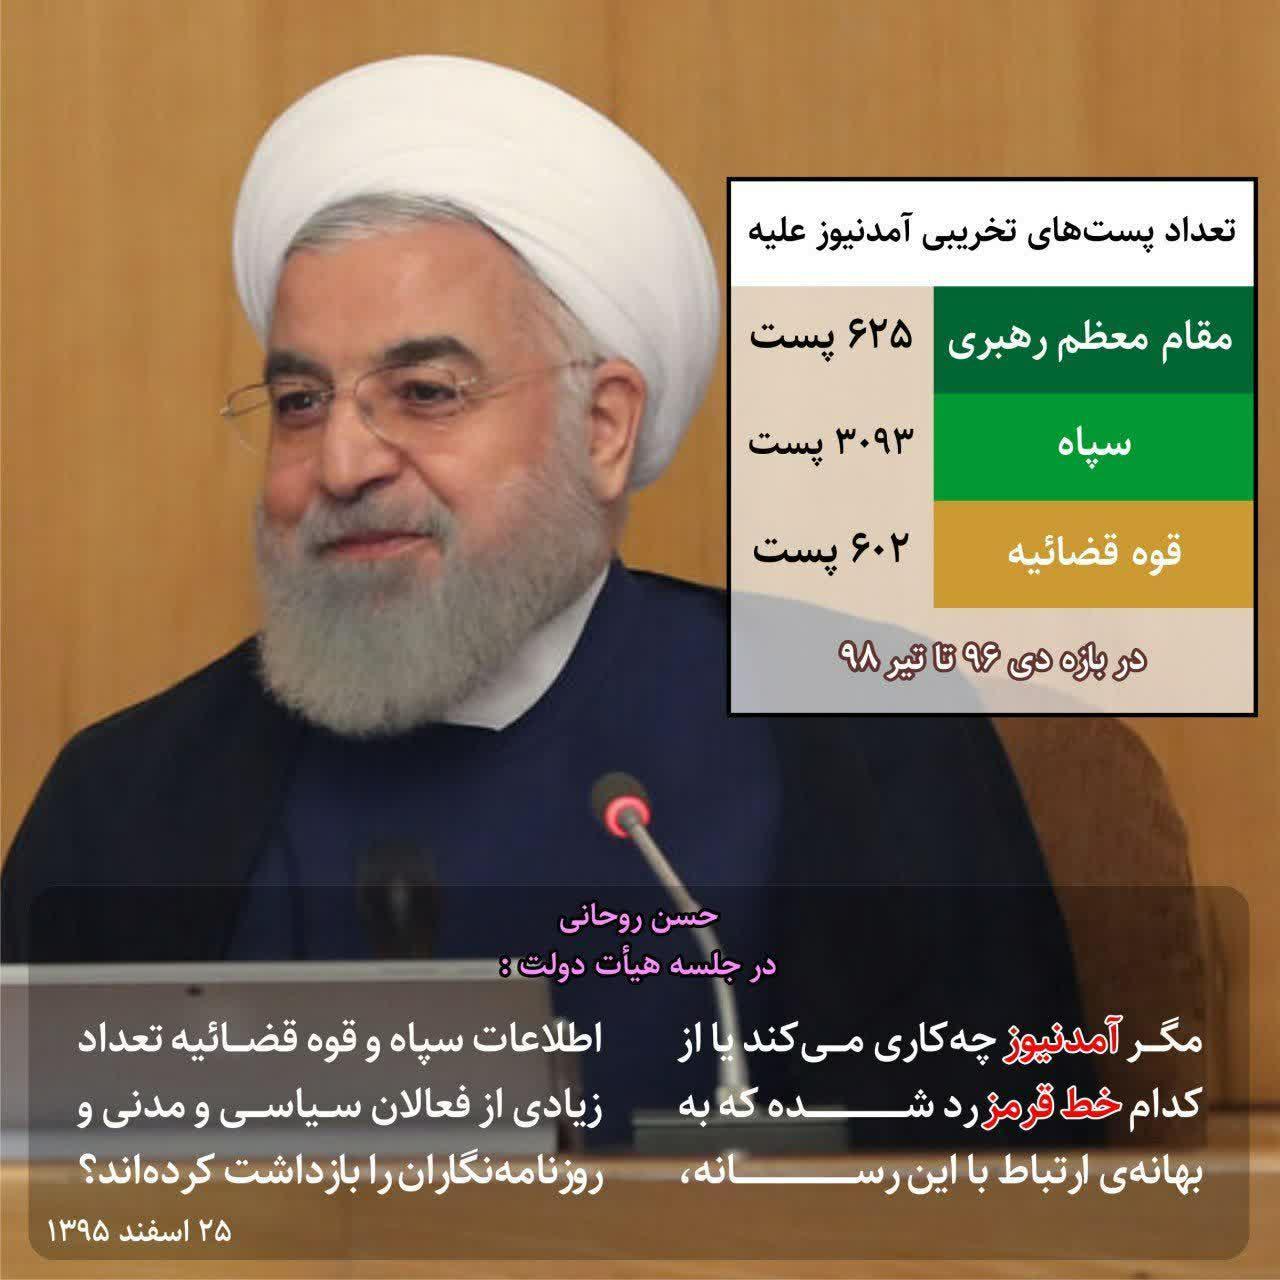 amadnews%20%285%29 شکایت وزیر اطلاعات از حسن عباسی به بهانه بیان ارتباط و رابطه آمدنیوز و همچنين وزیر اطلاعات + اسناد